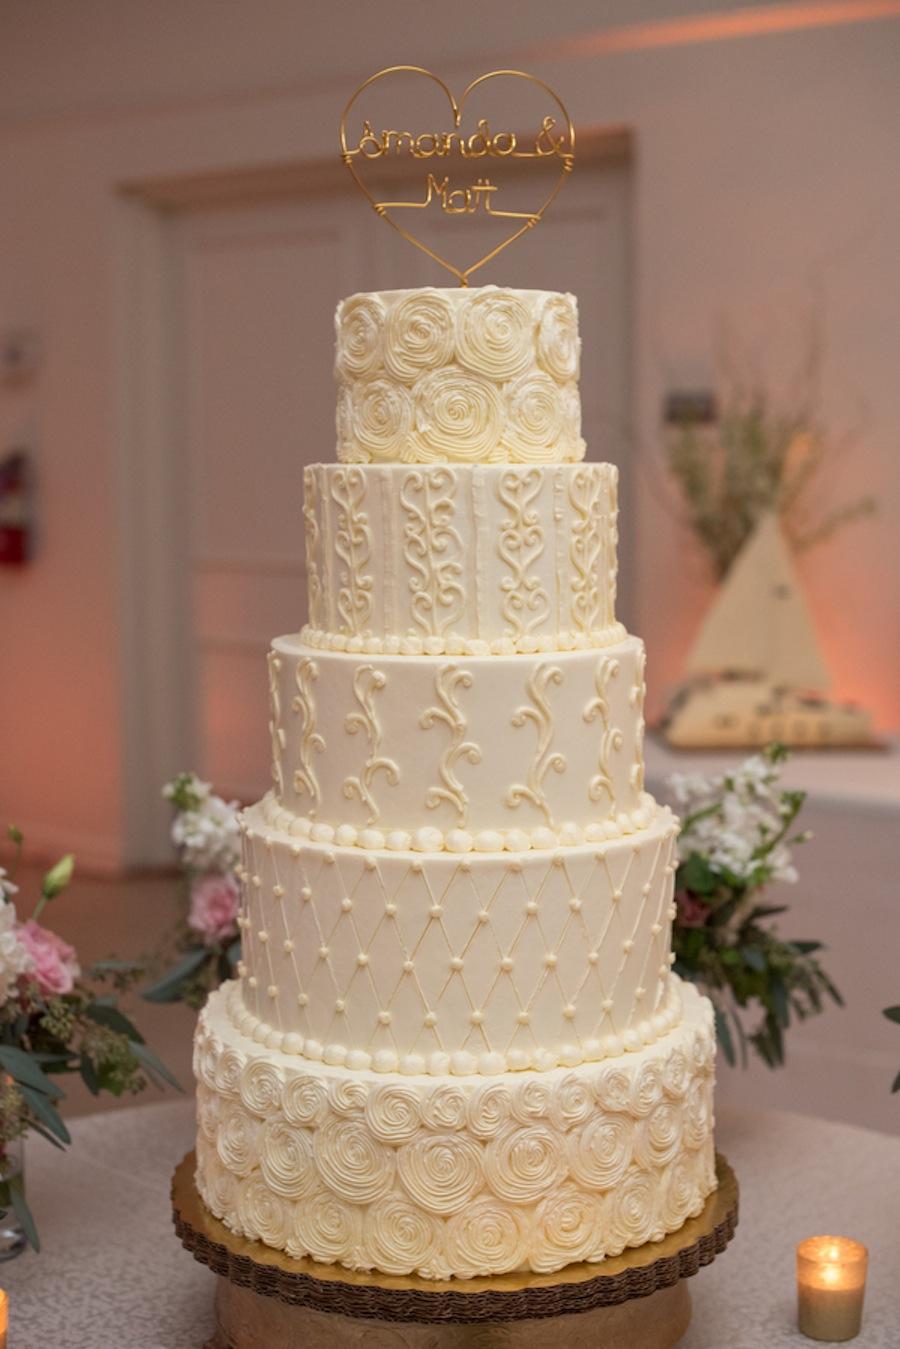 5-Tier Round Wedding Cake